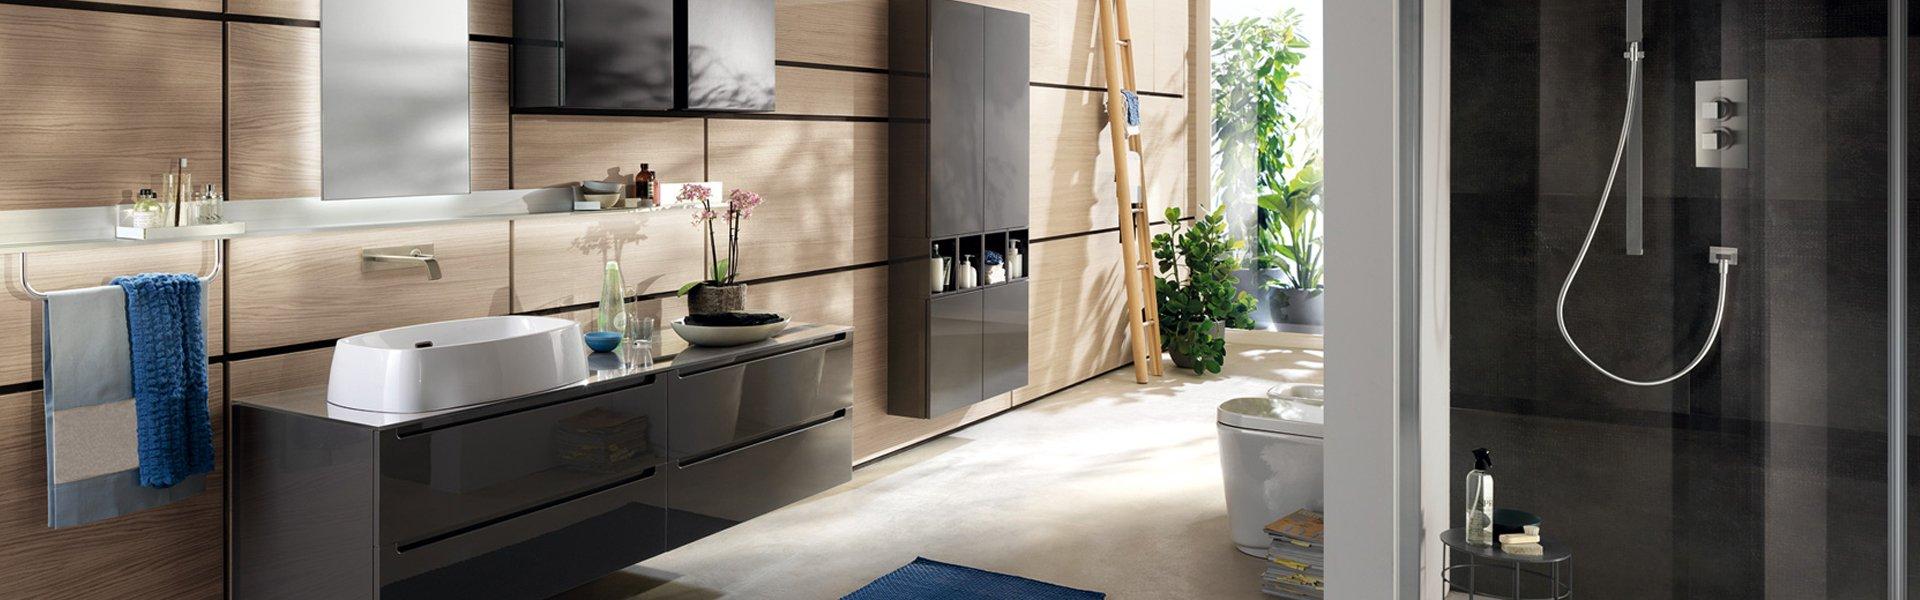 Arredo e mobili per il bagno | Bellizzi, SA | Montella Prisma Arredo